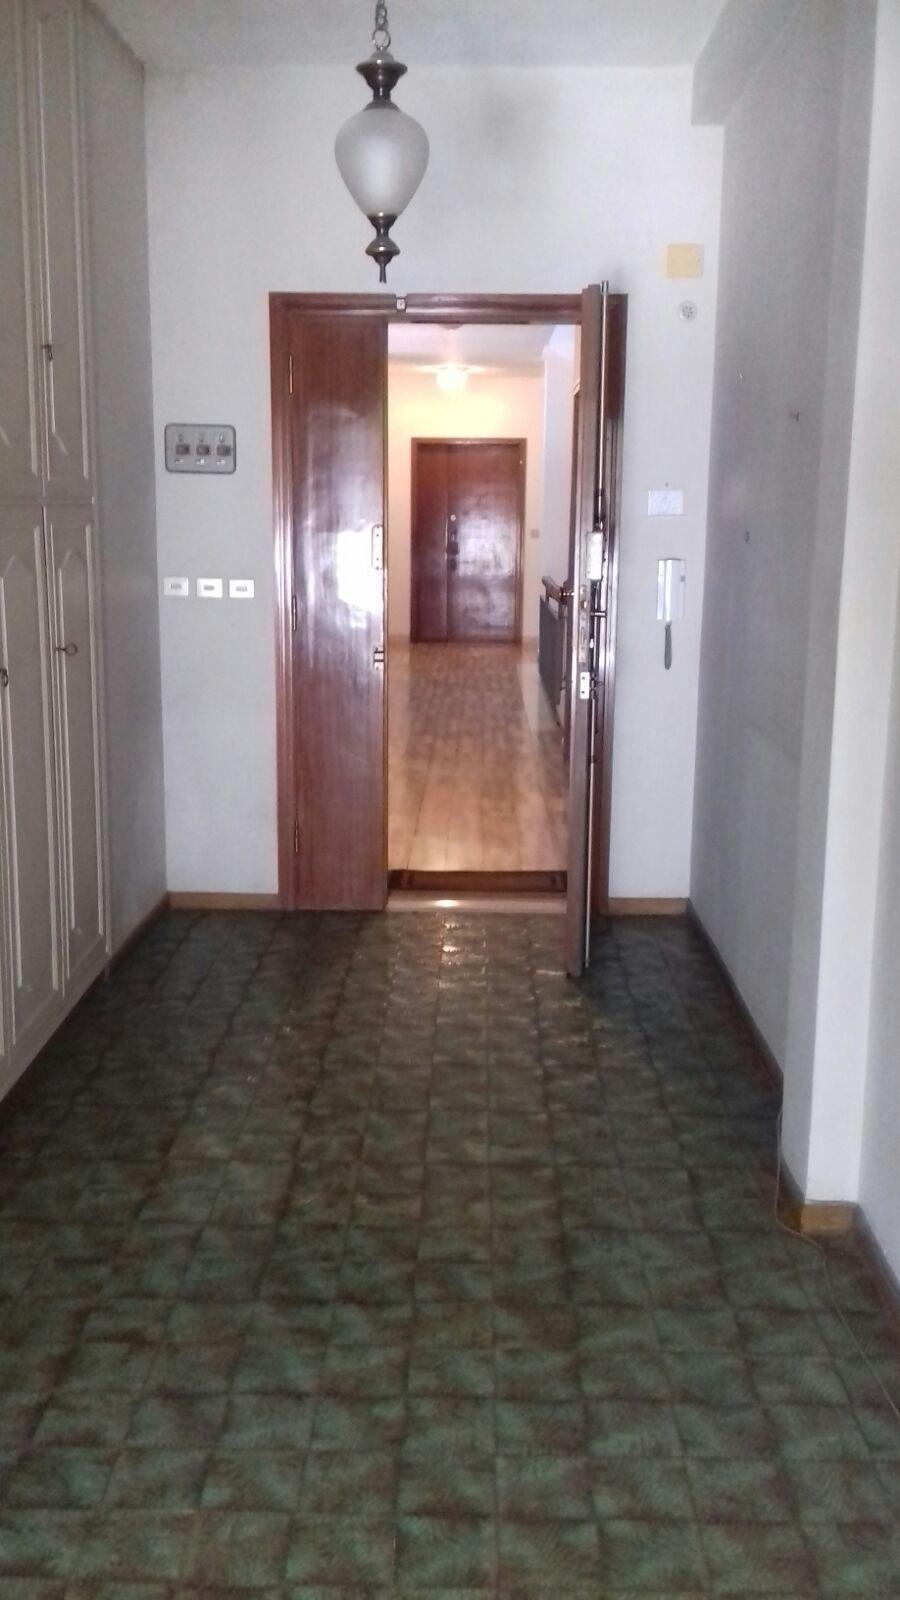 Appartamento in vendita a Livorno, 4 locali, zona Località: Centroresidenziale, prezzo € 230.000   Cambio Casa.it